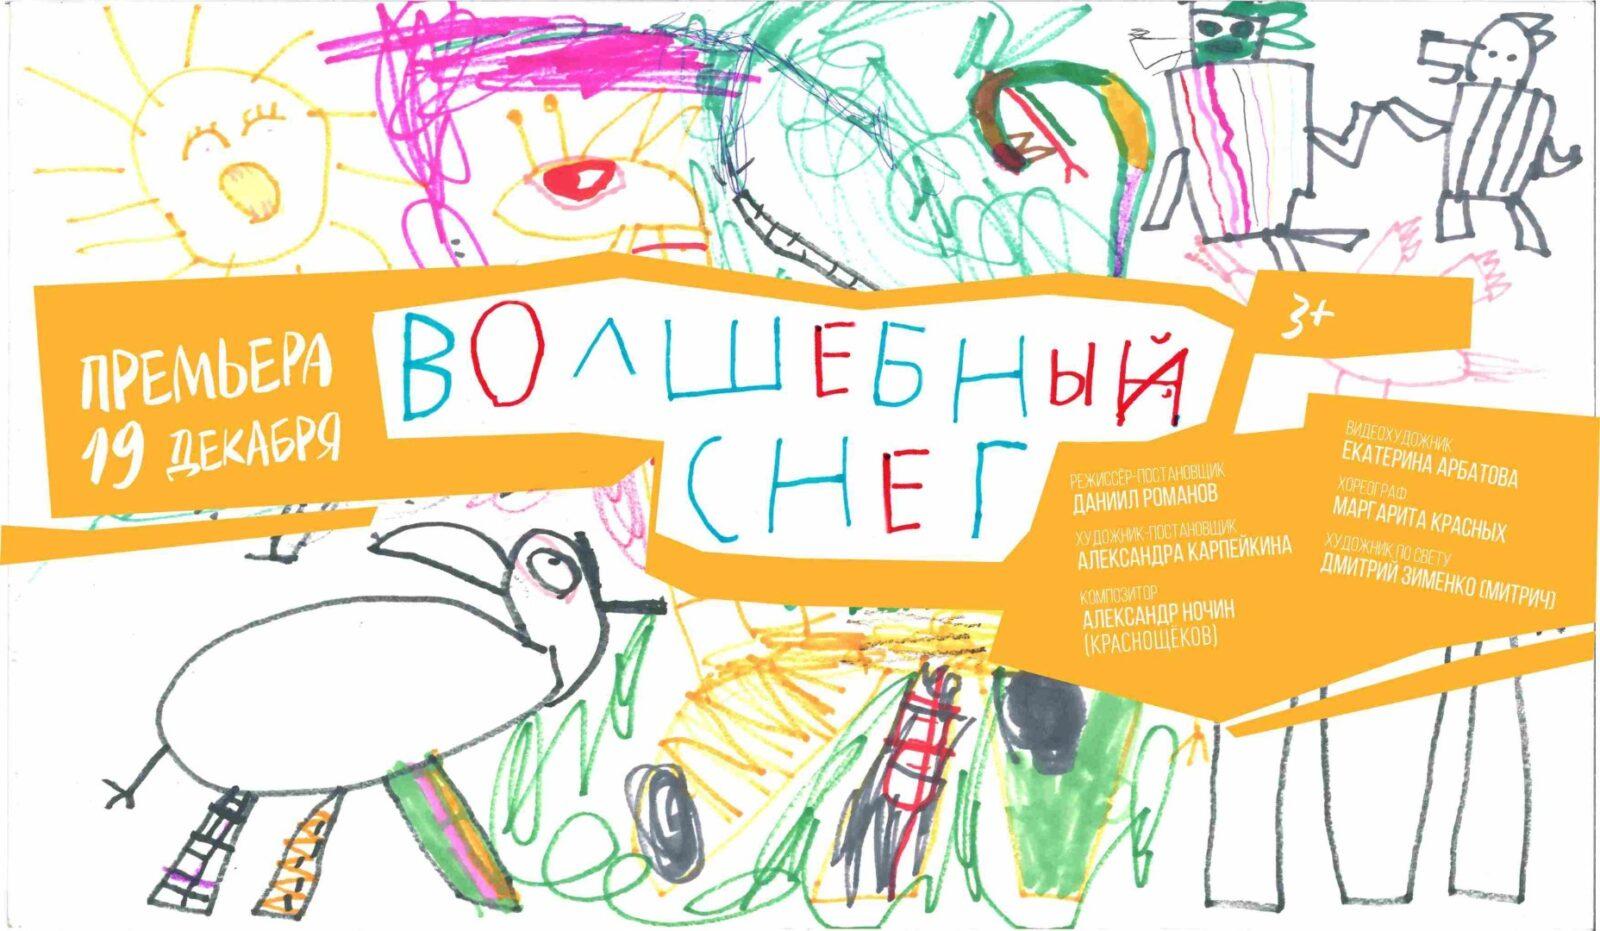 Тверской ТЮЗ приглашает детей на новогодний благотворительный праздник